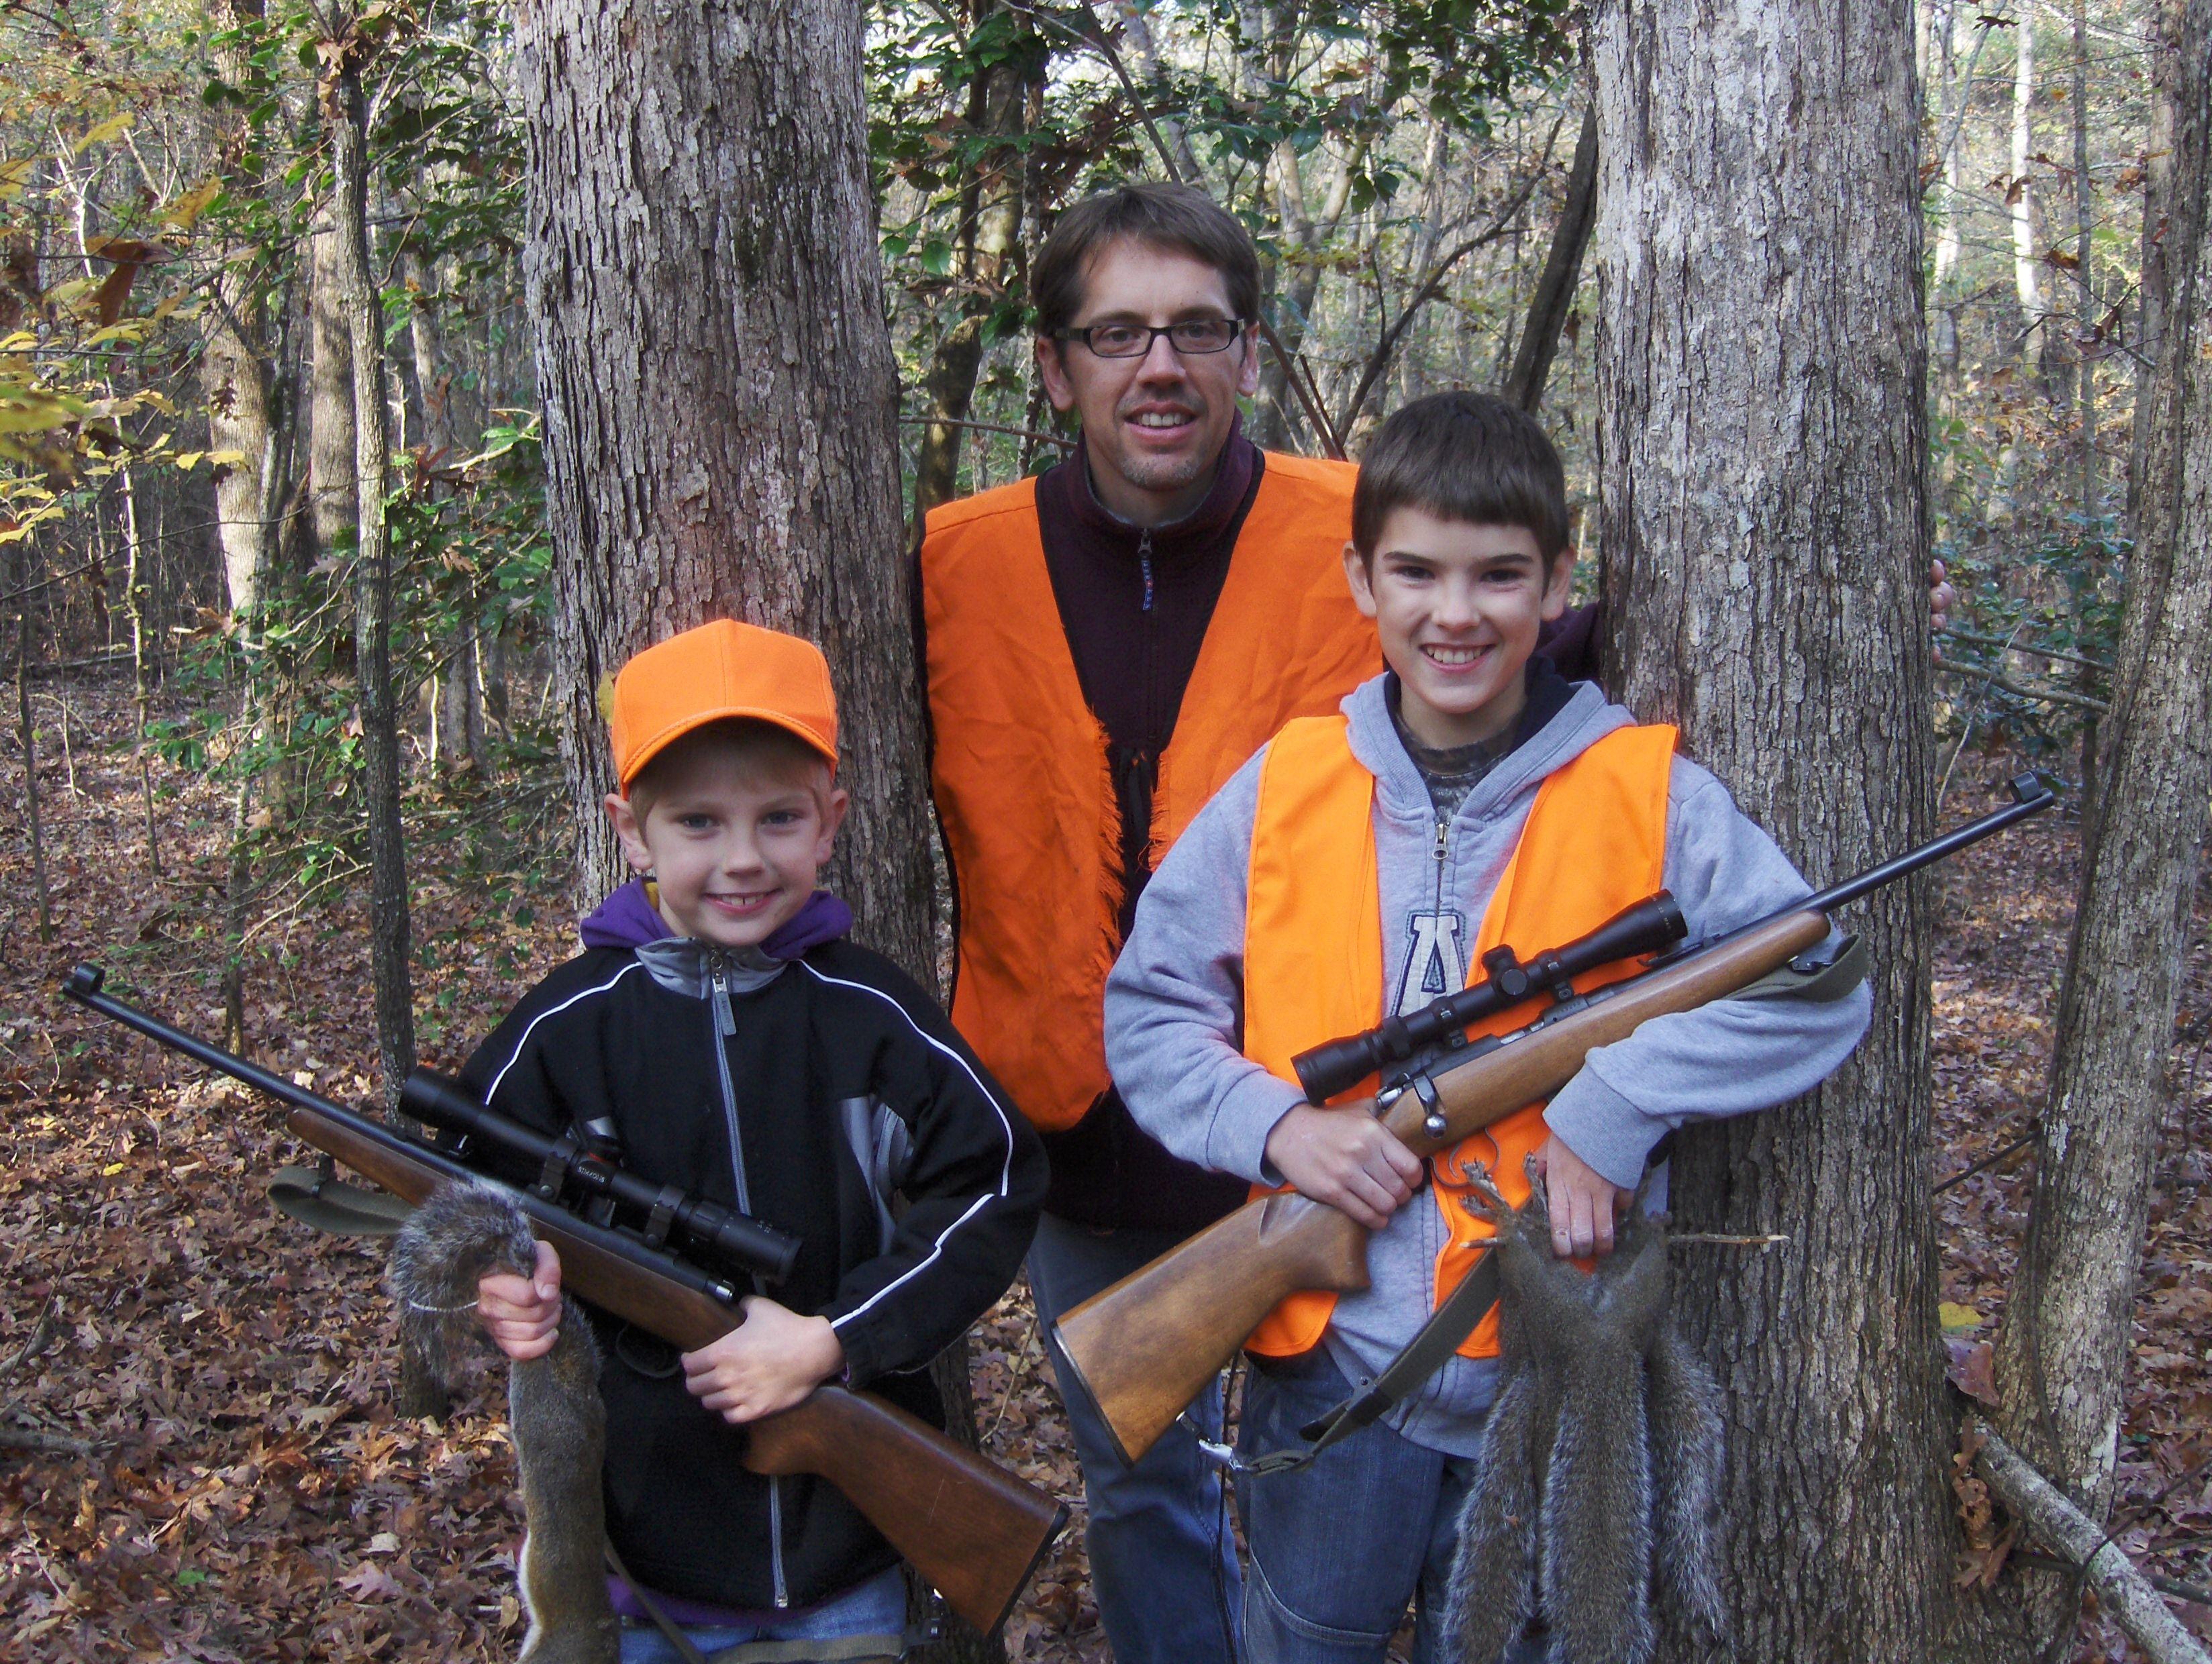 Guys hunting trip